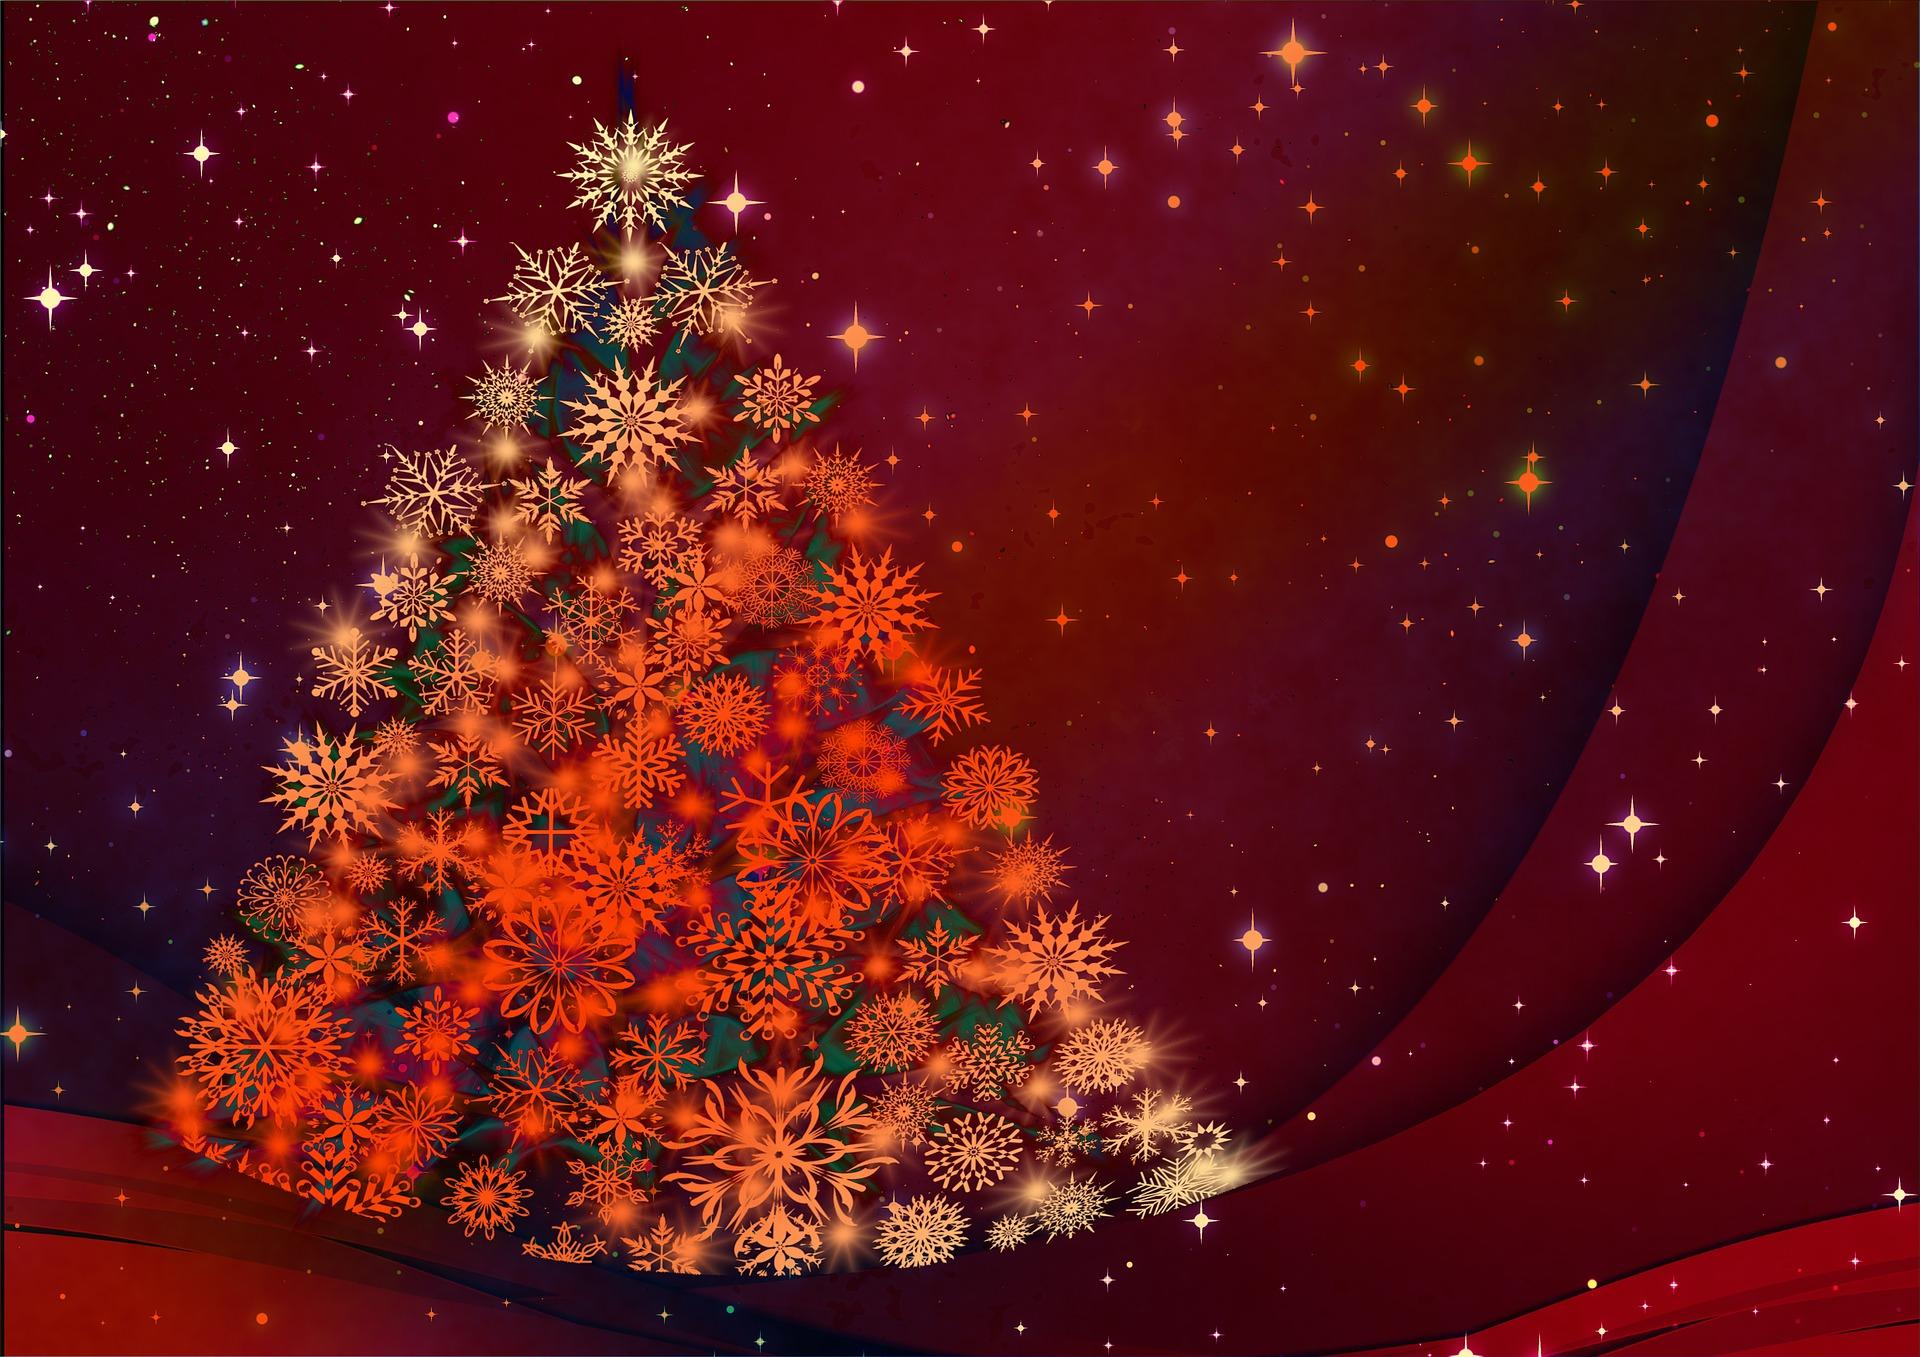 Sfondo Natalizio - Sfondo Natale